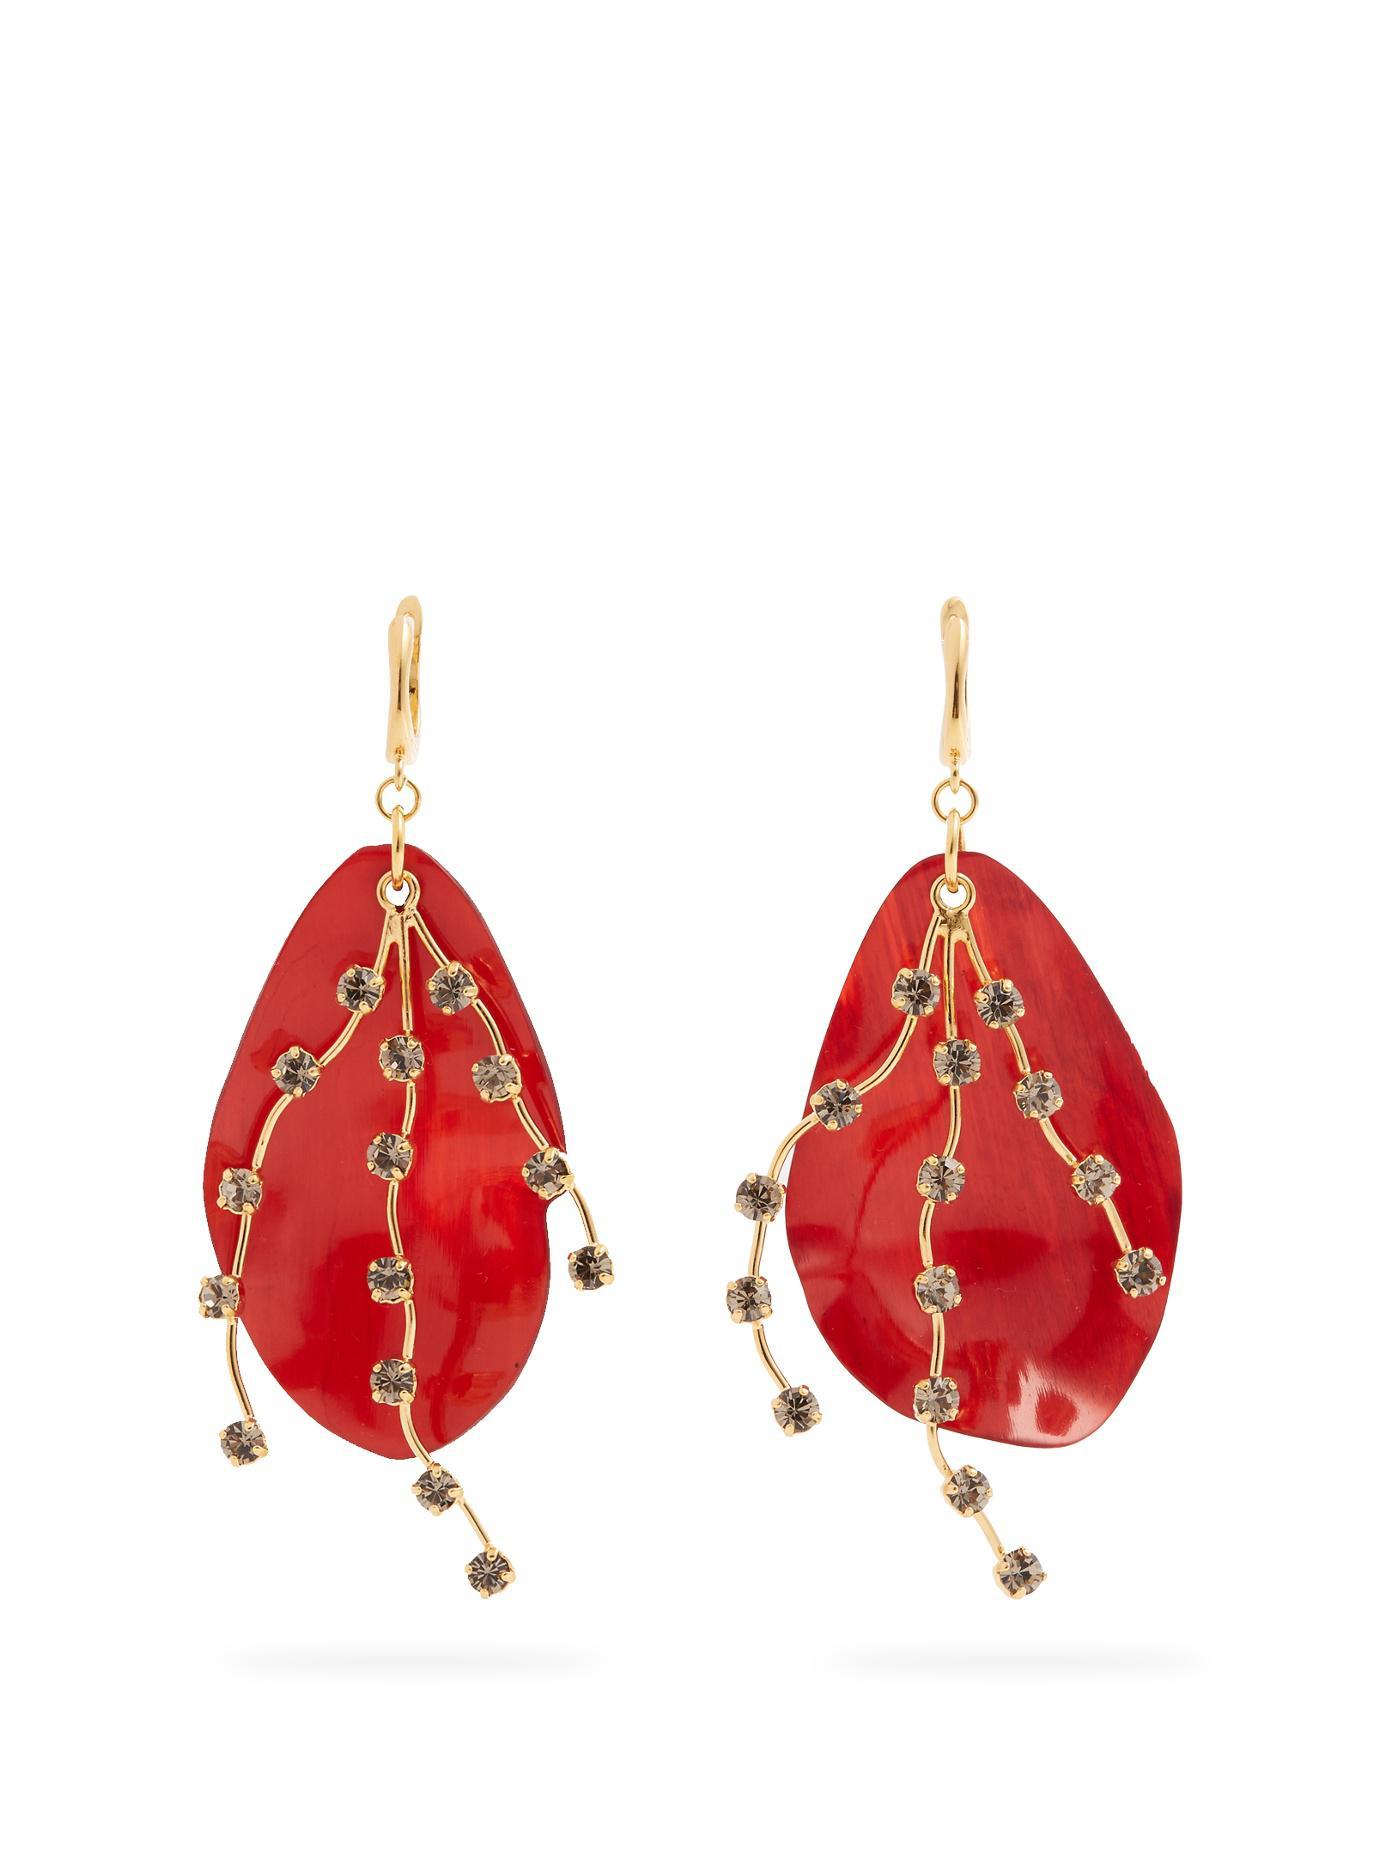 Marni Crystal-embellished leaf earrings aDCisBHR9